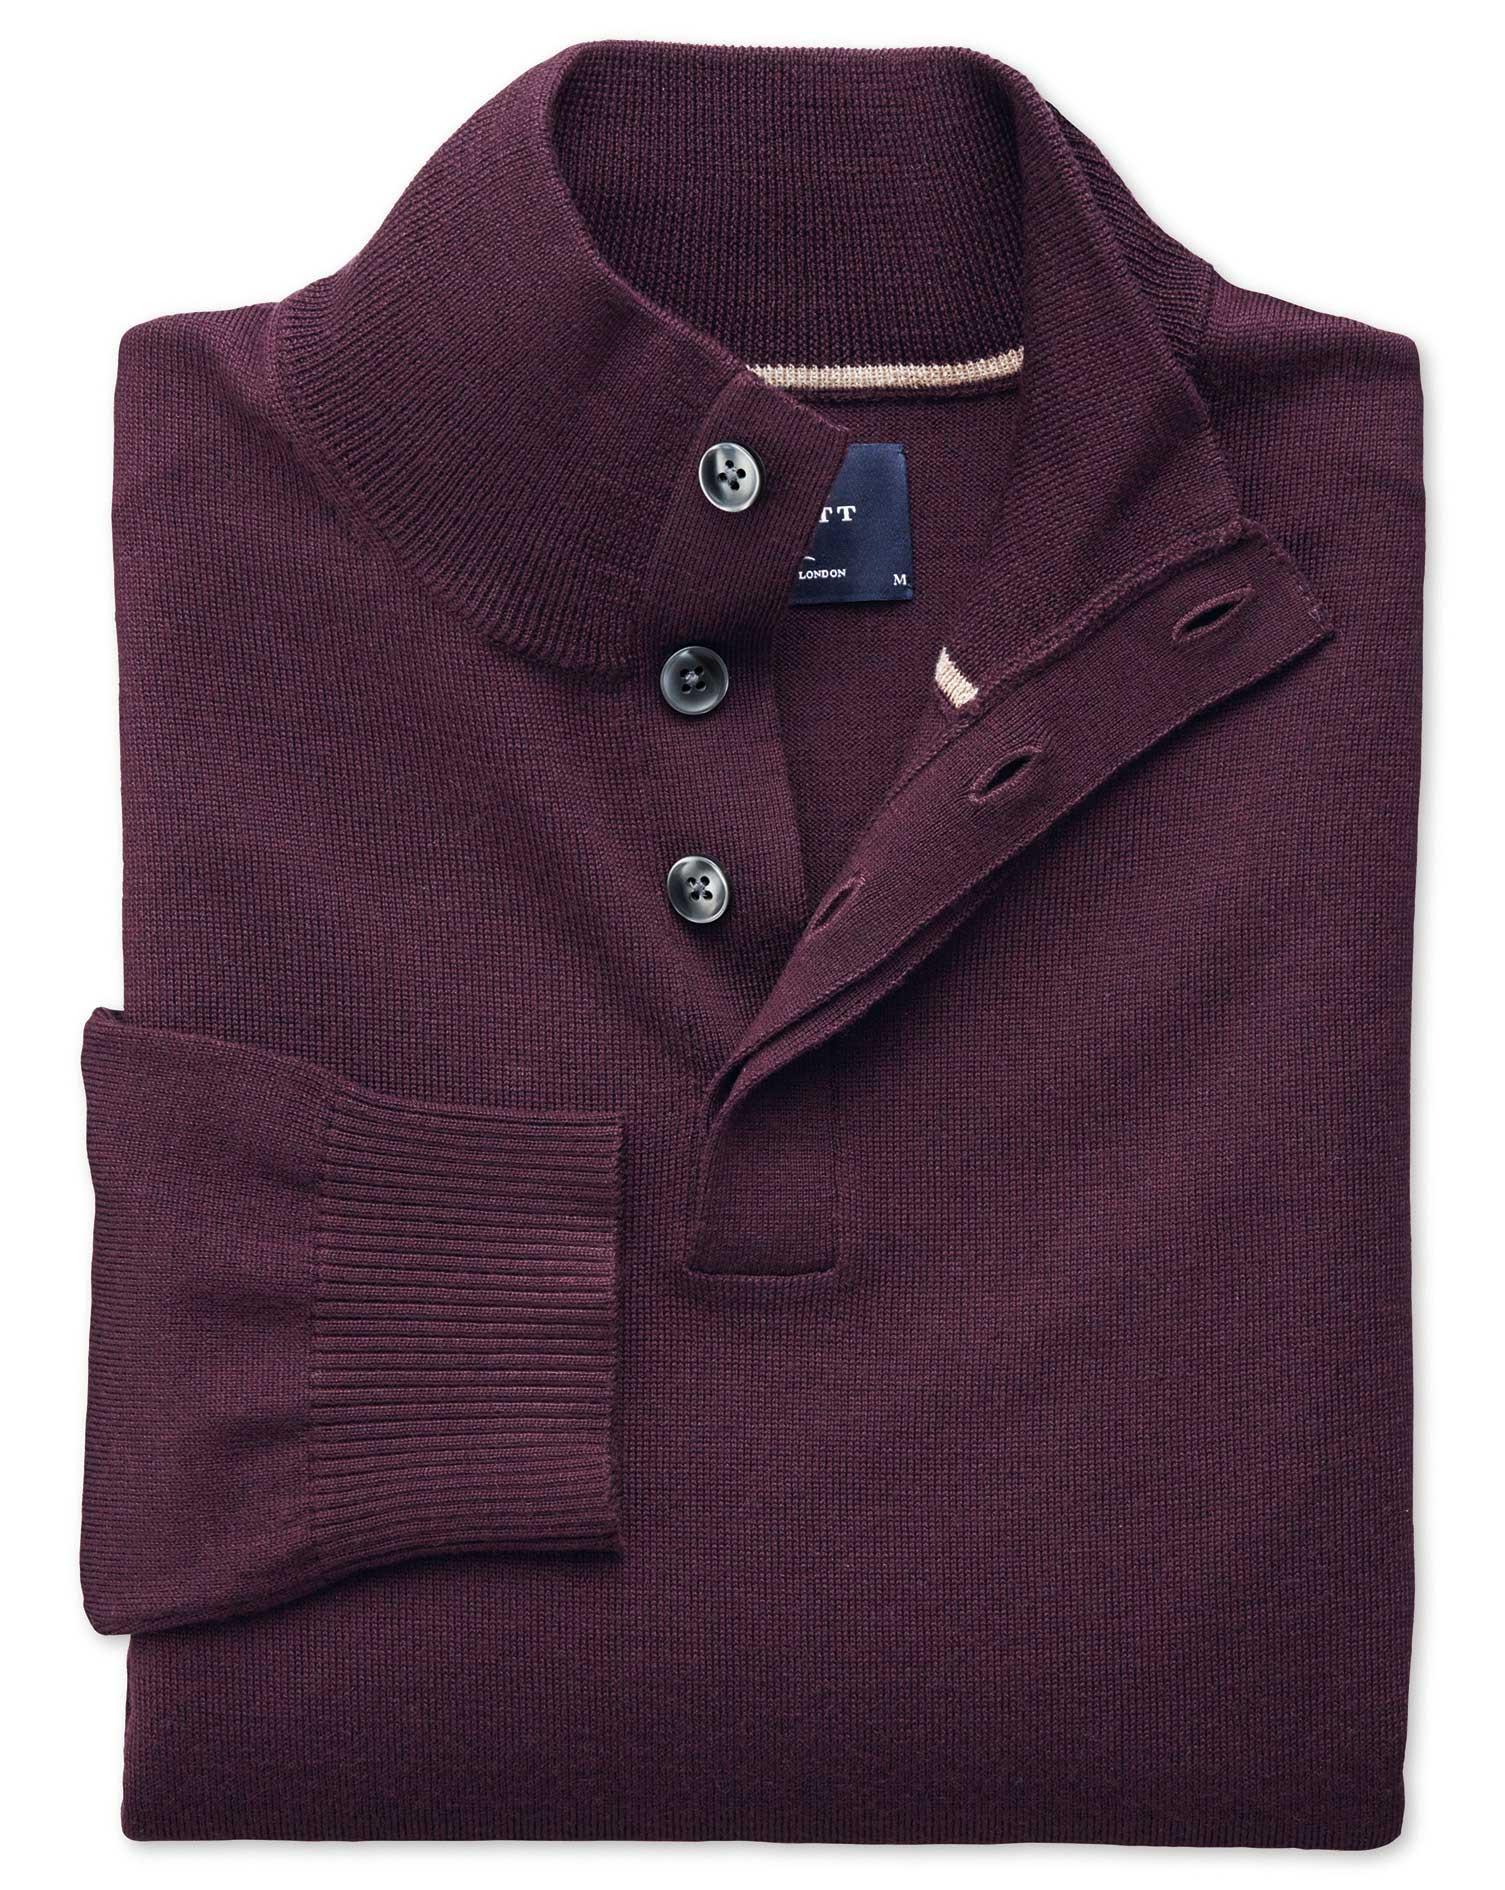 Wine Merino Wool Button Neck Jumper Size XXL by Charles Tyrwhitt